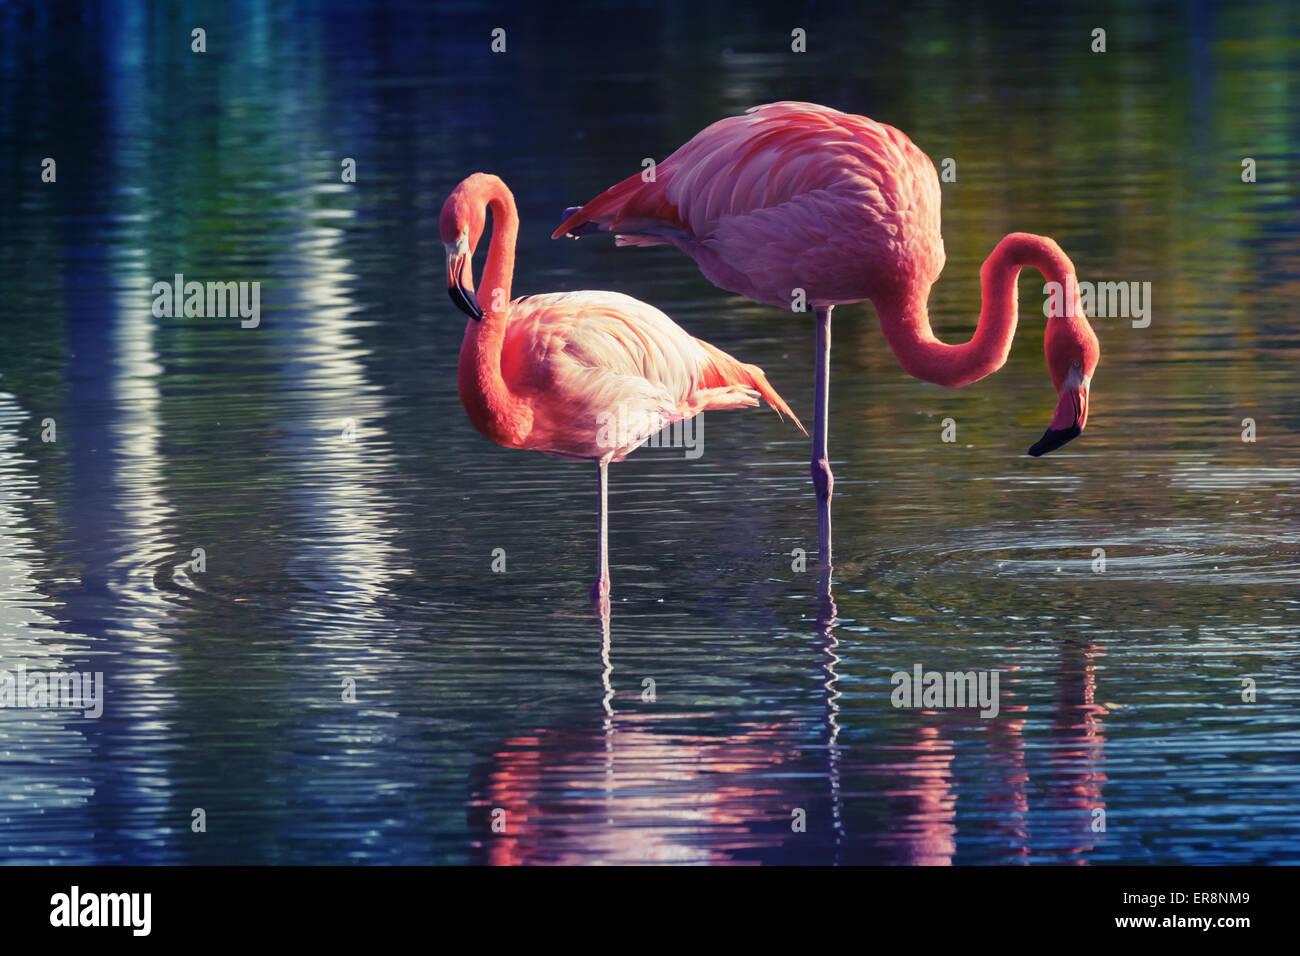 Due fenicotteri rosa in piedi in acqua con riflessi. Foto stilizzata con colorati la correzione delle tonalità Immagini Stock